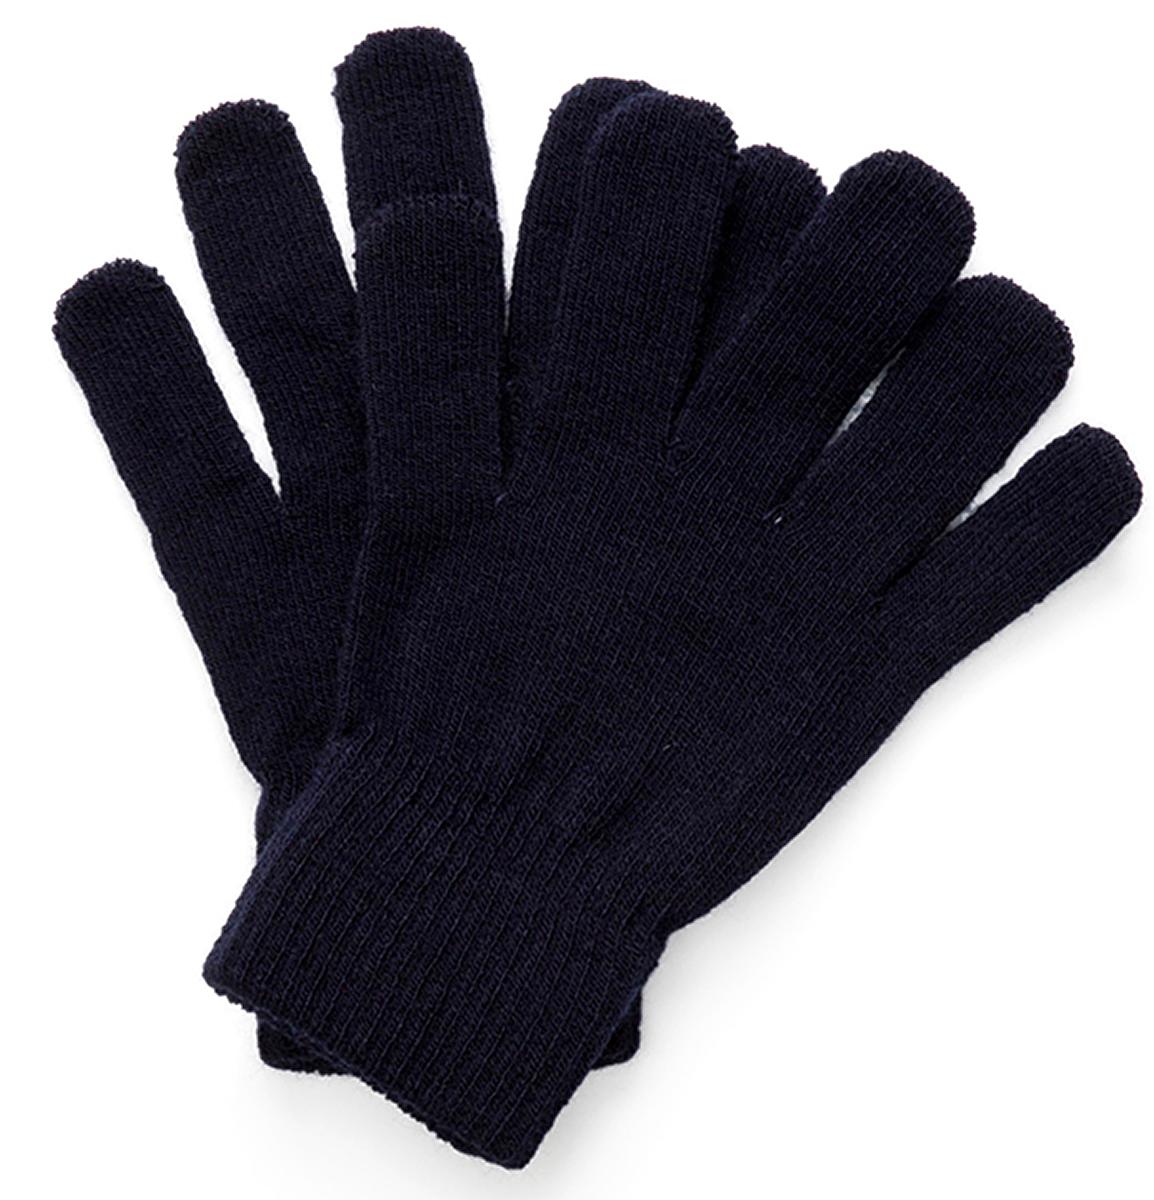 Перчатки для мальчика Acoola Kamu, цвет: темно-синий. 20136420009. Размер S (6)20136420009Вязаные перчатки от Acoola выполнены из натуральной акриловой пряжи. Такие перчатки согреют руки вашего ребенка в холодную погоду.